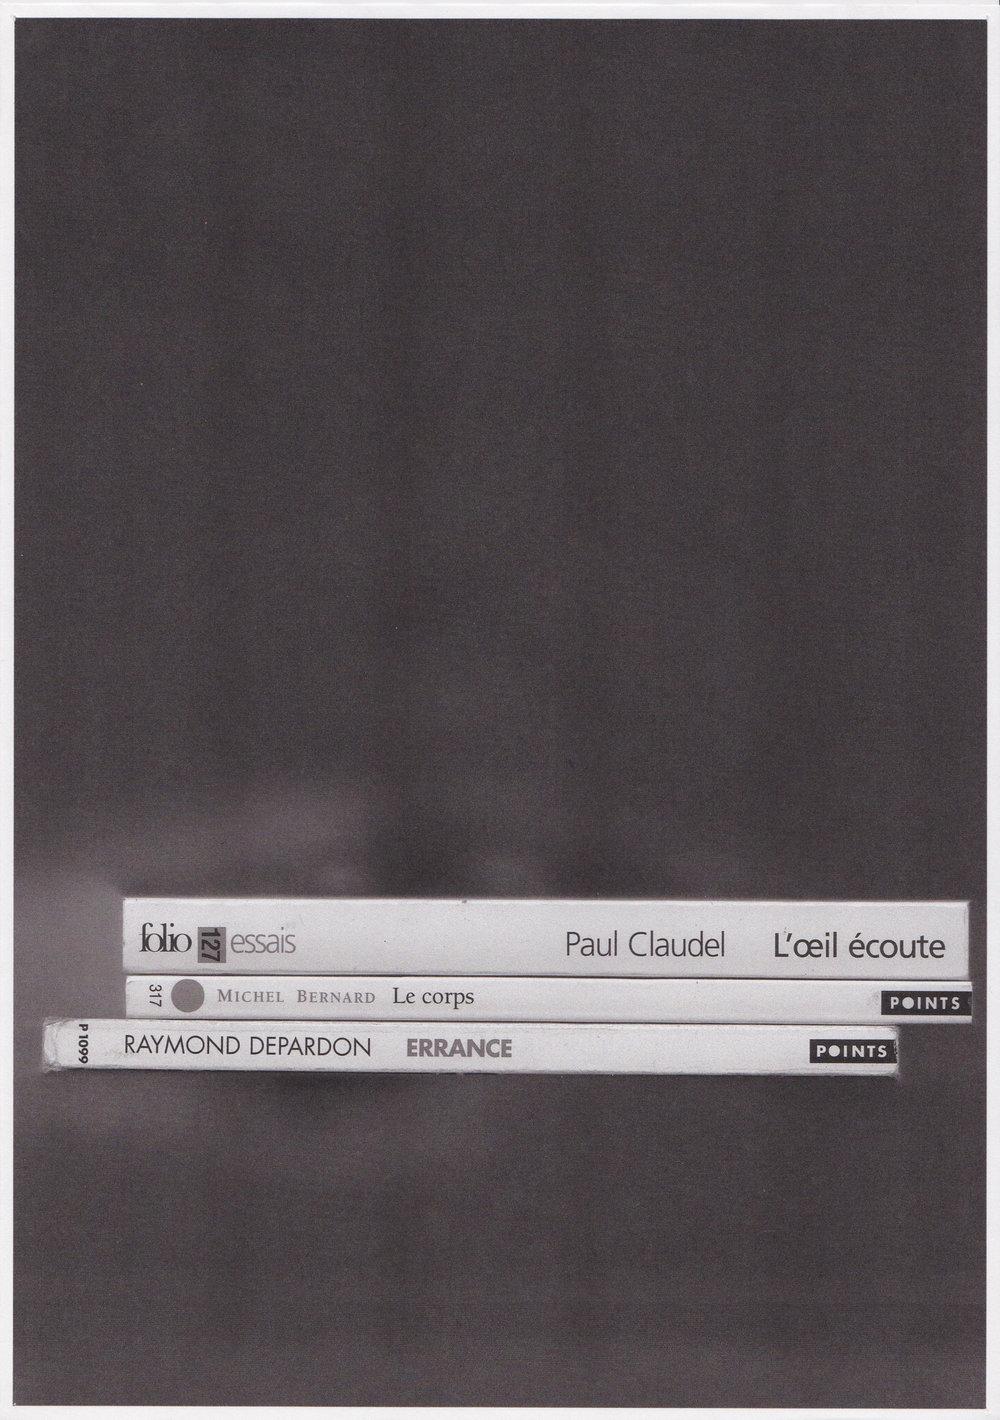 L'oeil écoute le corps, errance, photocopie, 2013